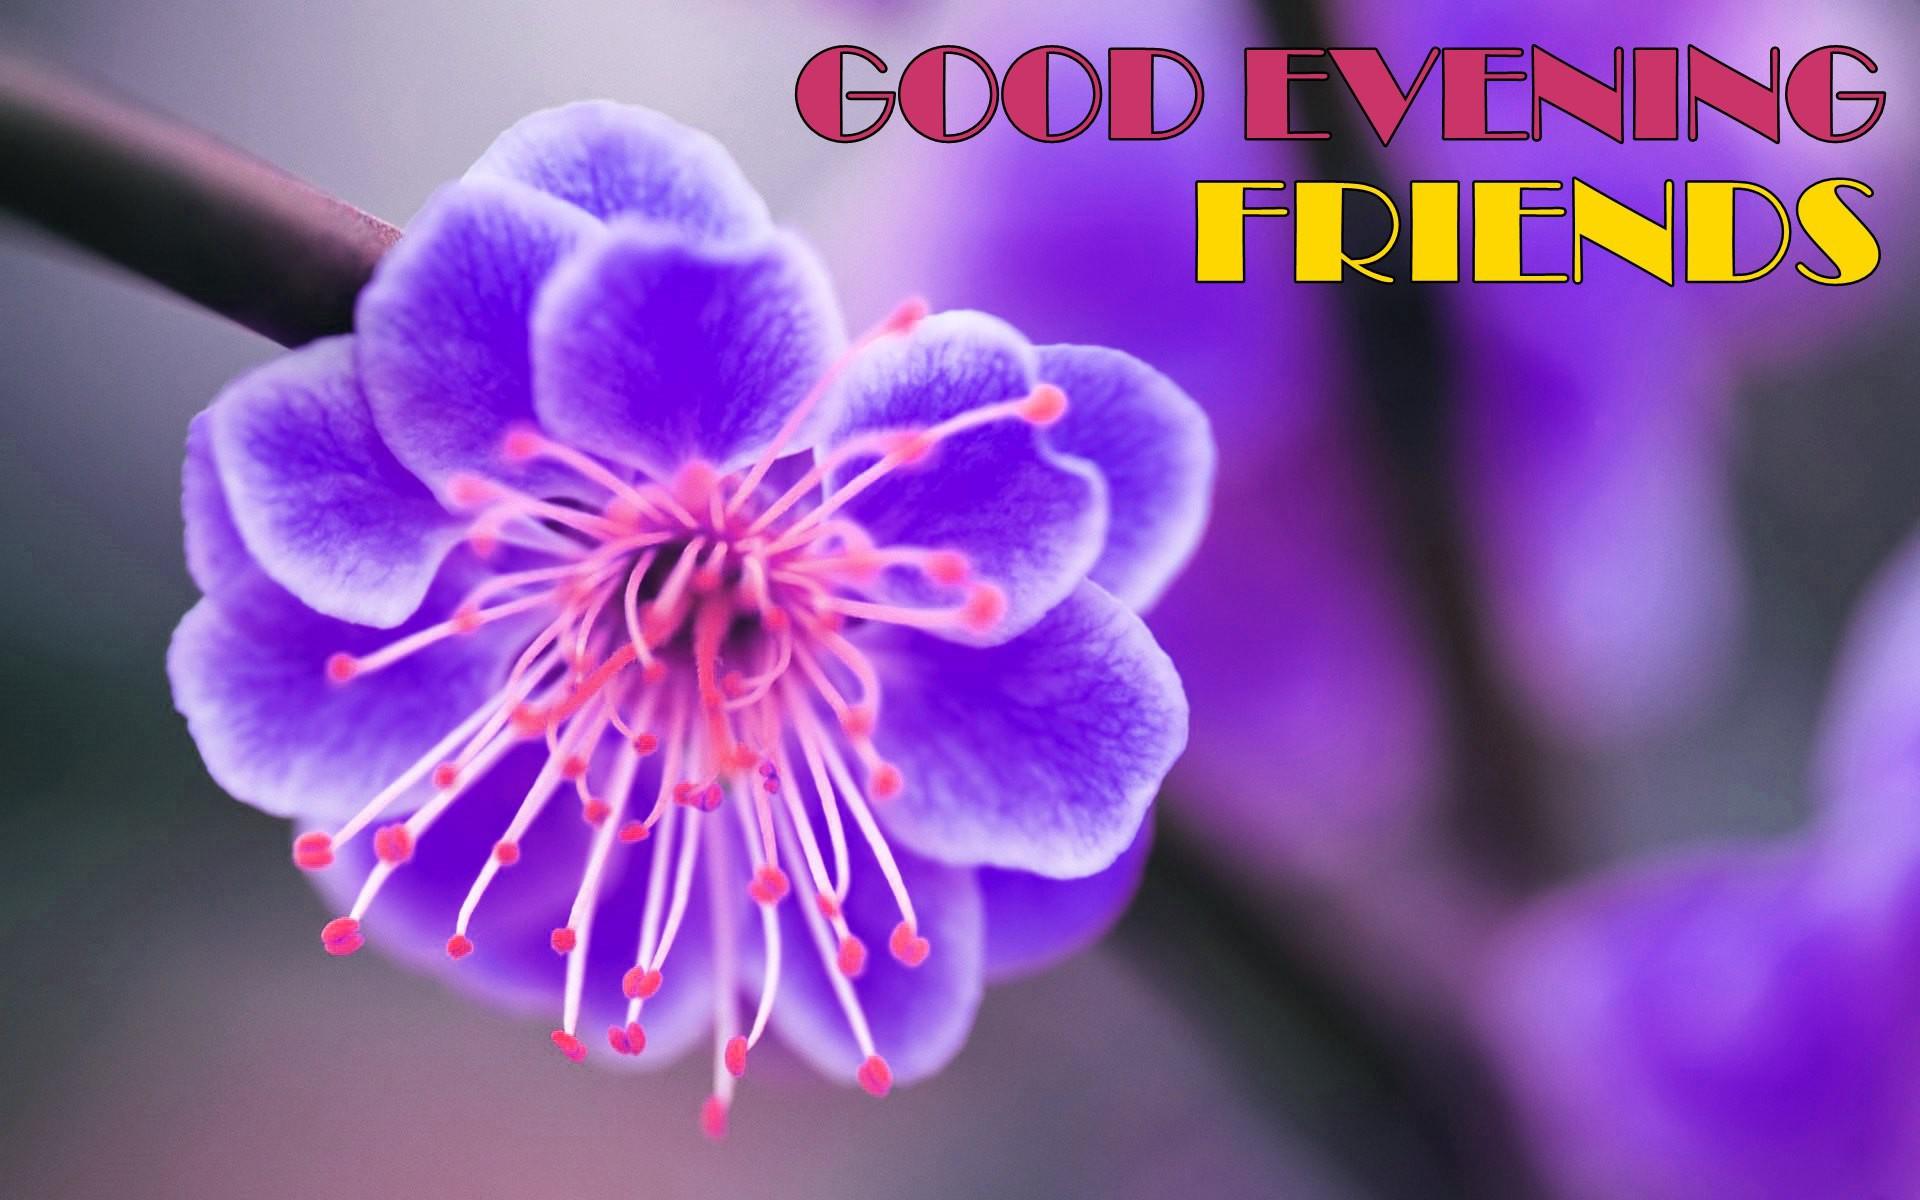 بالصور رسائل مساء الخير للاصدقاء , اجمل رسايل للاصدقاء 3273 2